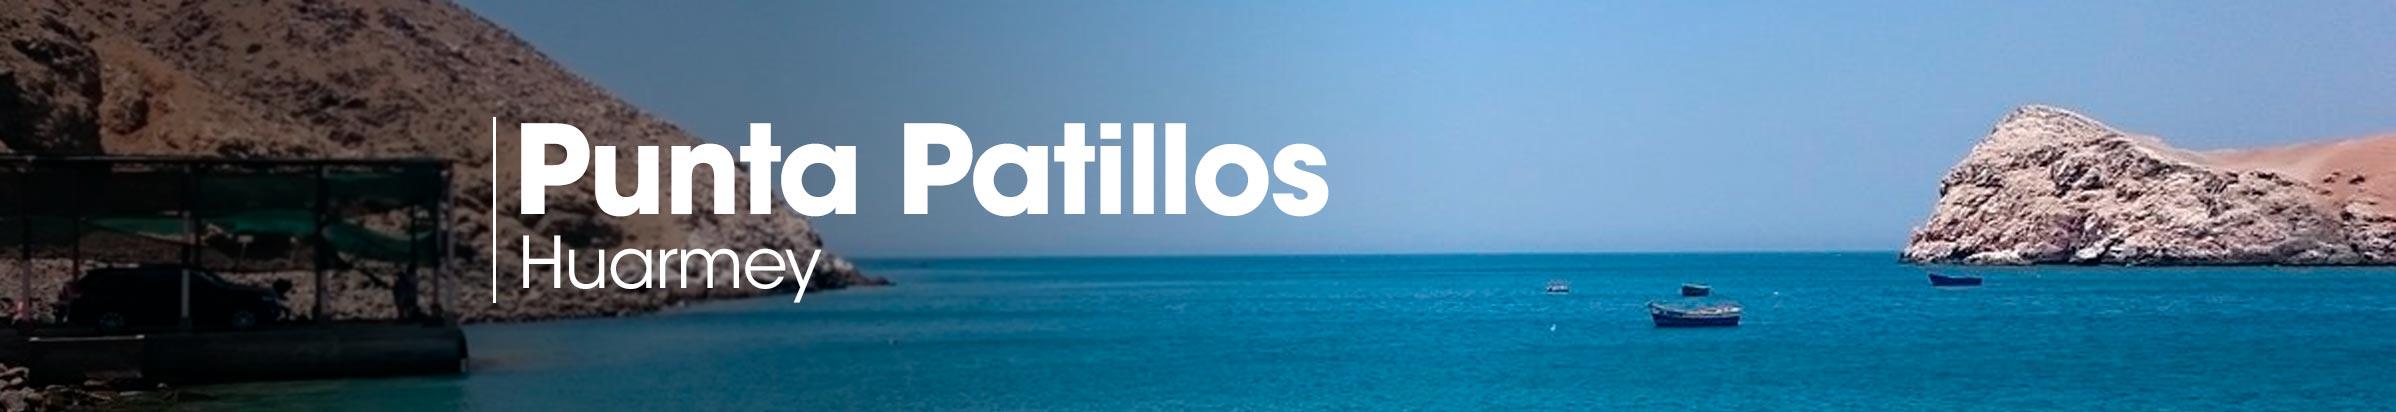 Blog-Img-PlayasPerú-PuntaPatillos